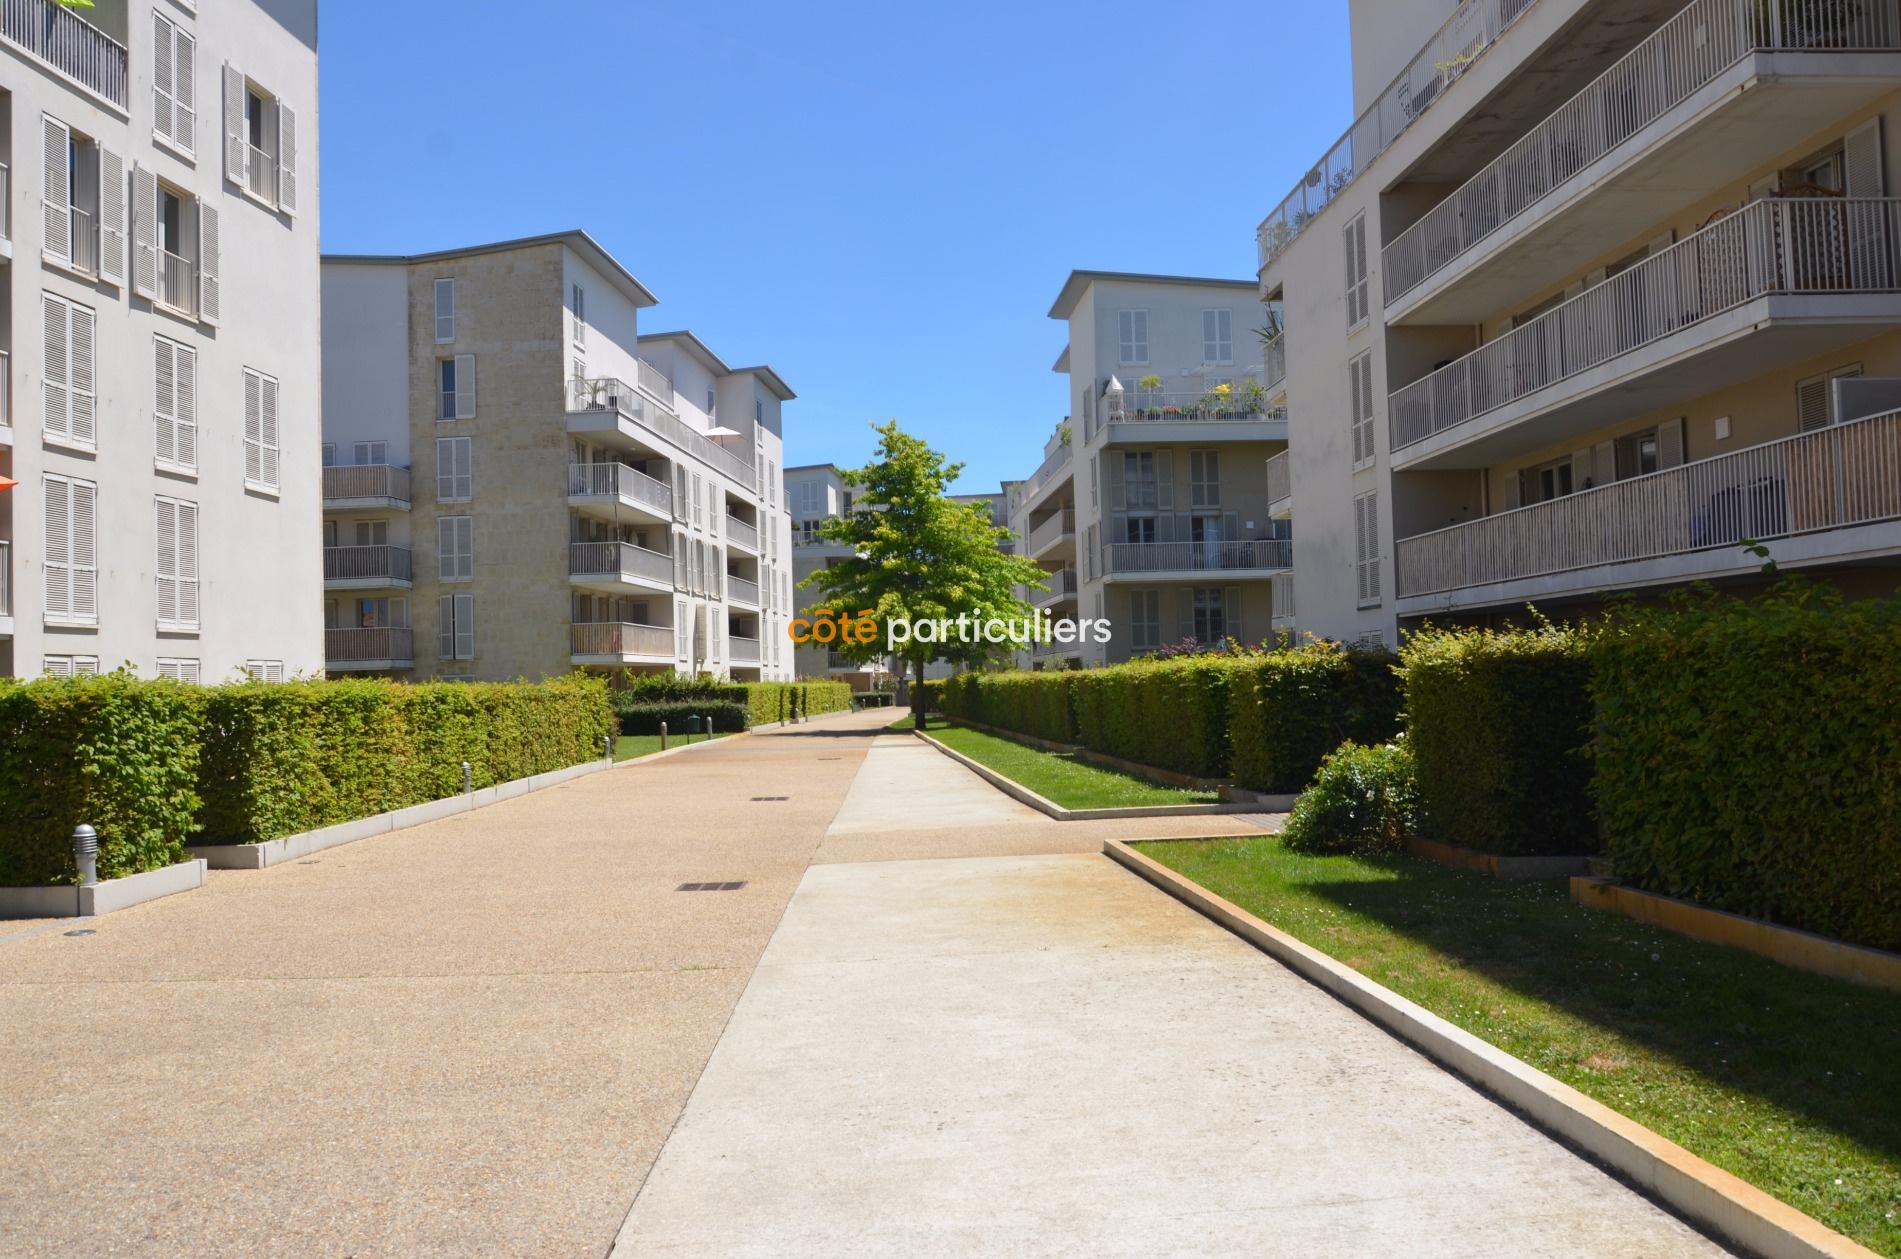 Location maison t3 bordeaux bastide ventana blog for Achat appartement bordeaux bastide